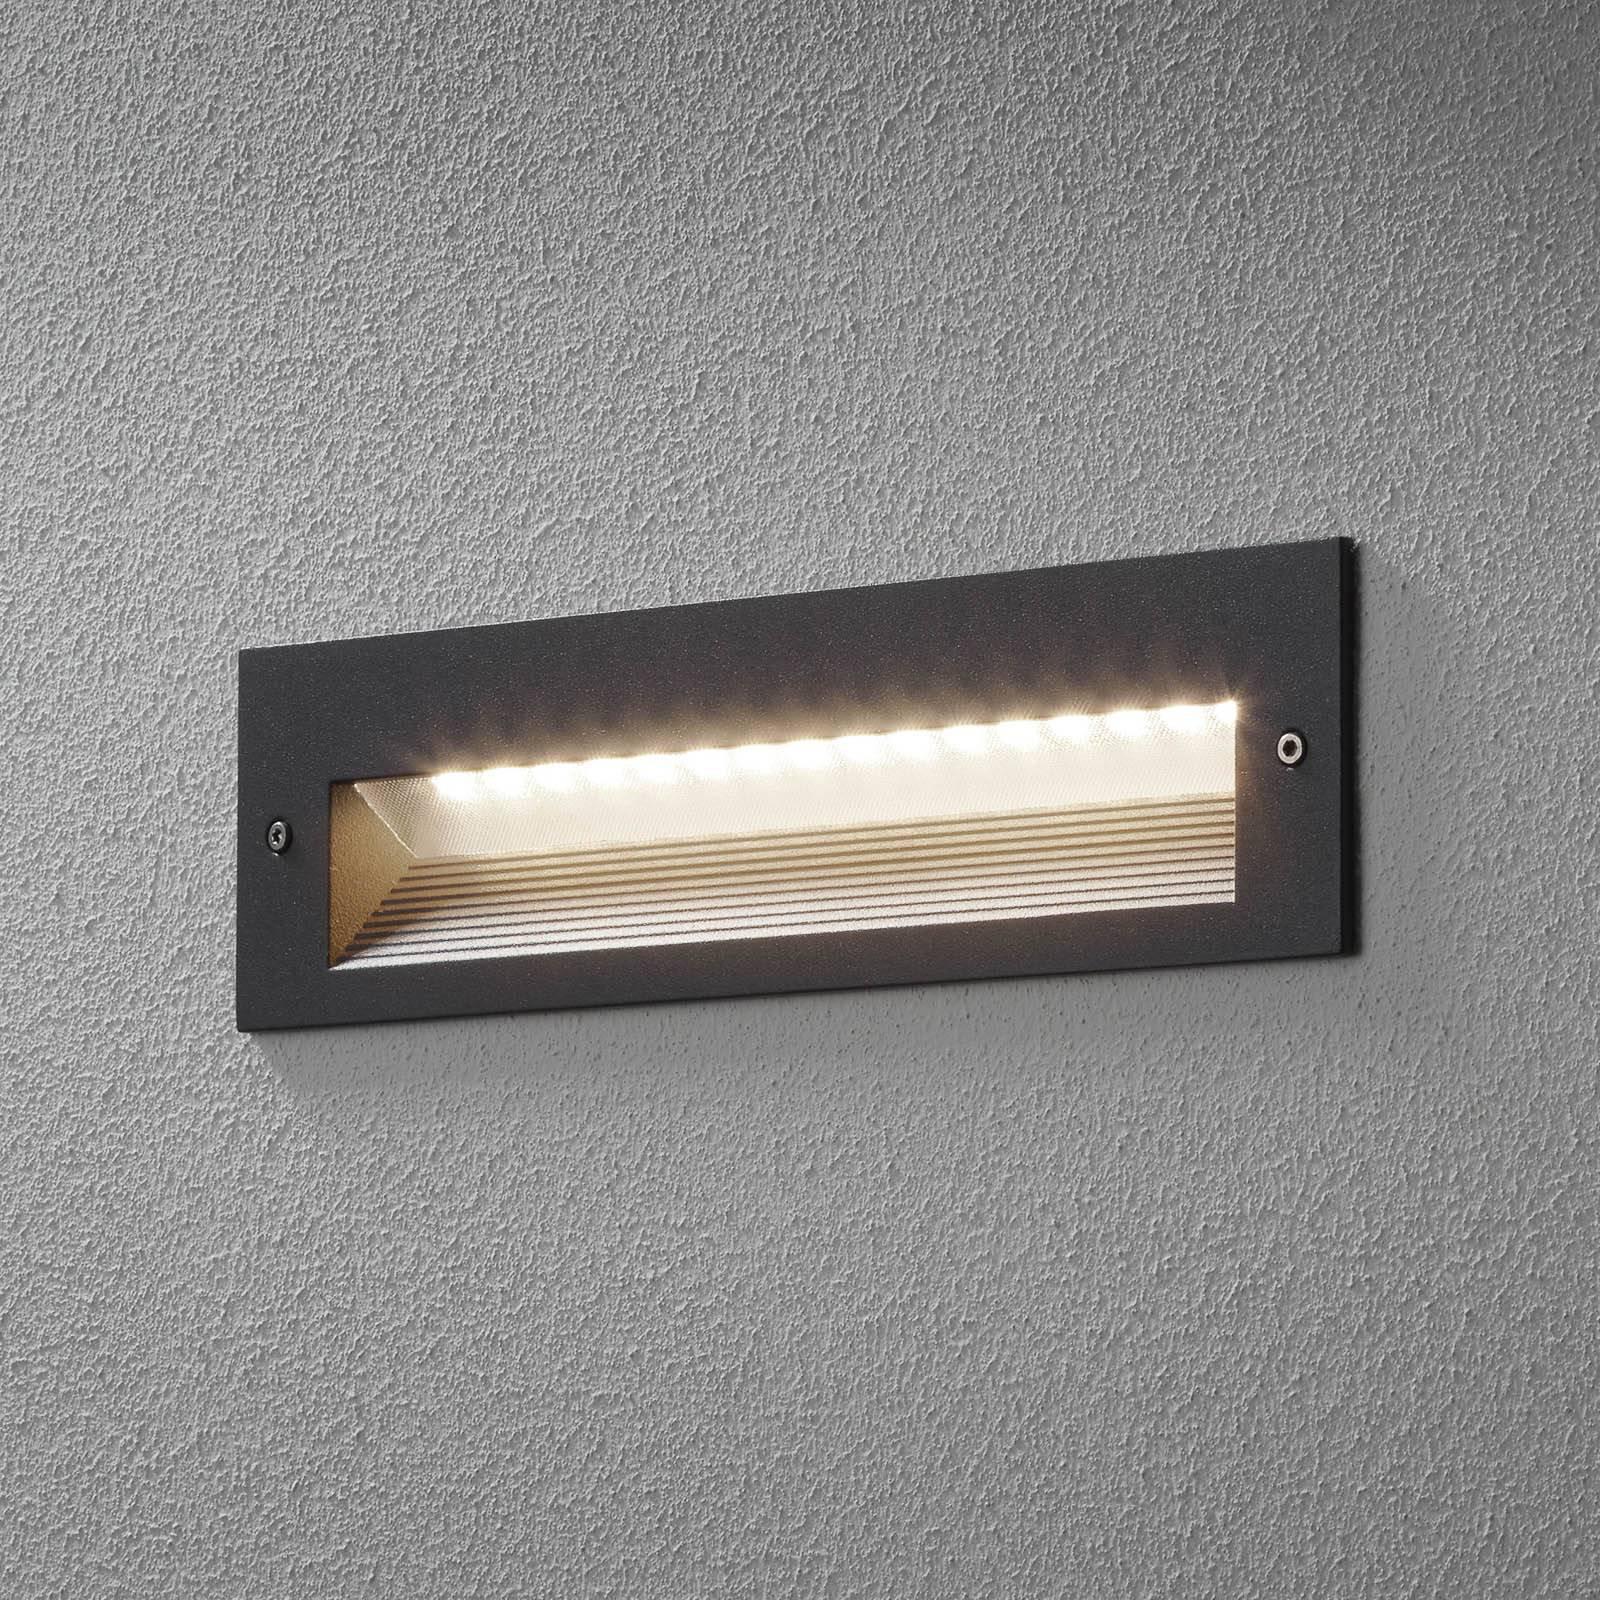 BEGA 33054 LED-veggmontering 3 000 K grafitt 26 cm